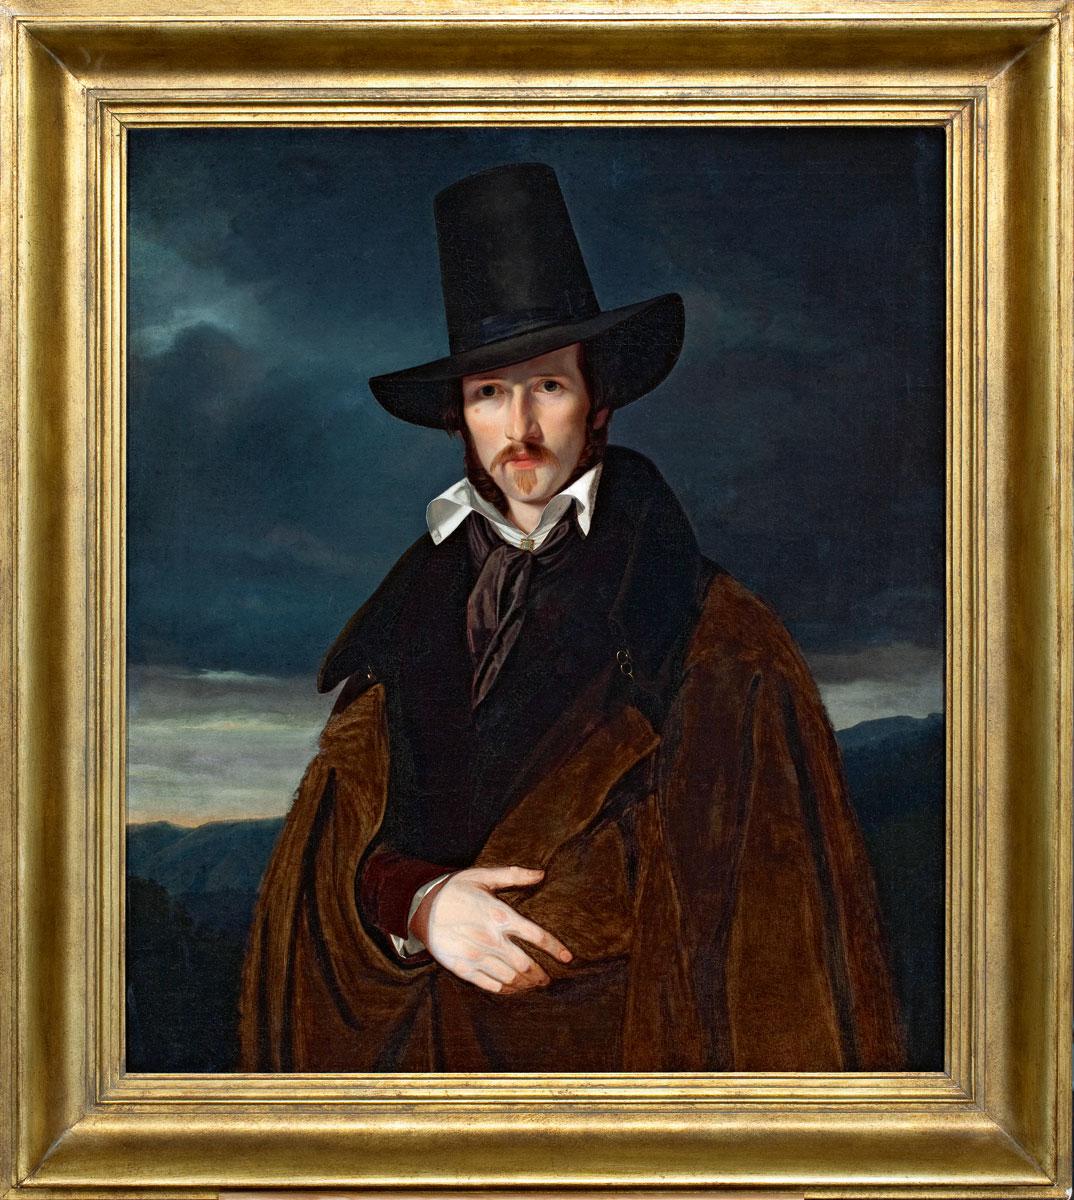 Wilhelm Bendz, Bildnis des Münchner Malers Wilhelm von Kaulbach, 1832, 92,5×79,5 cm; Museum Bad Arolsen